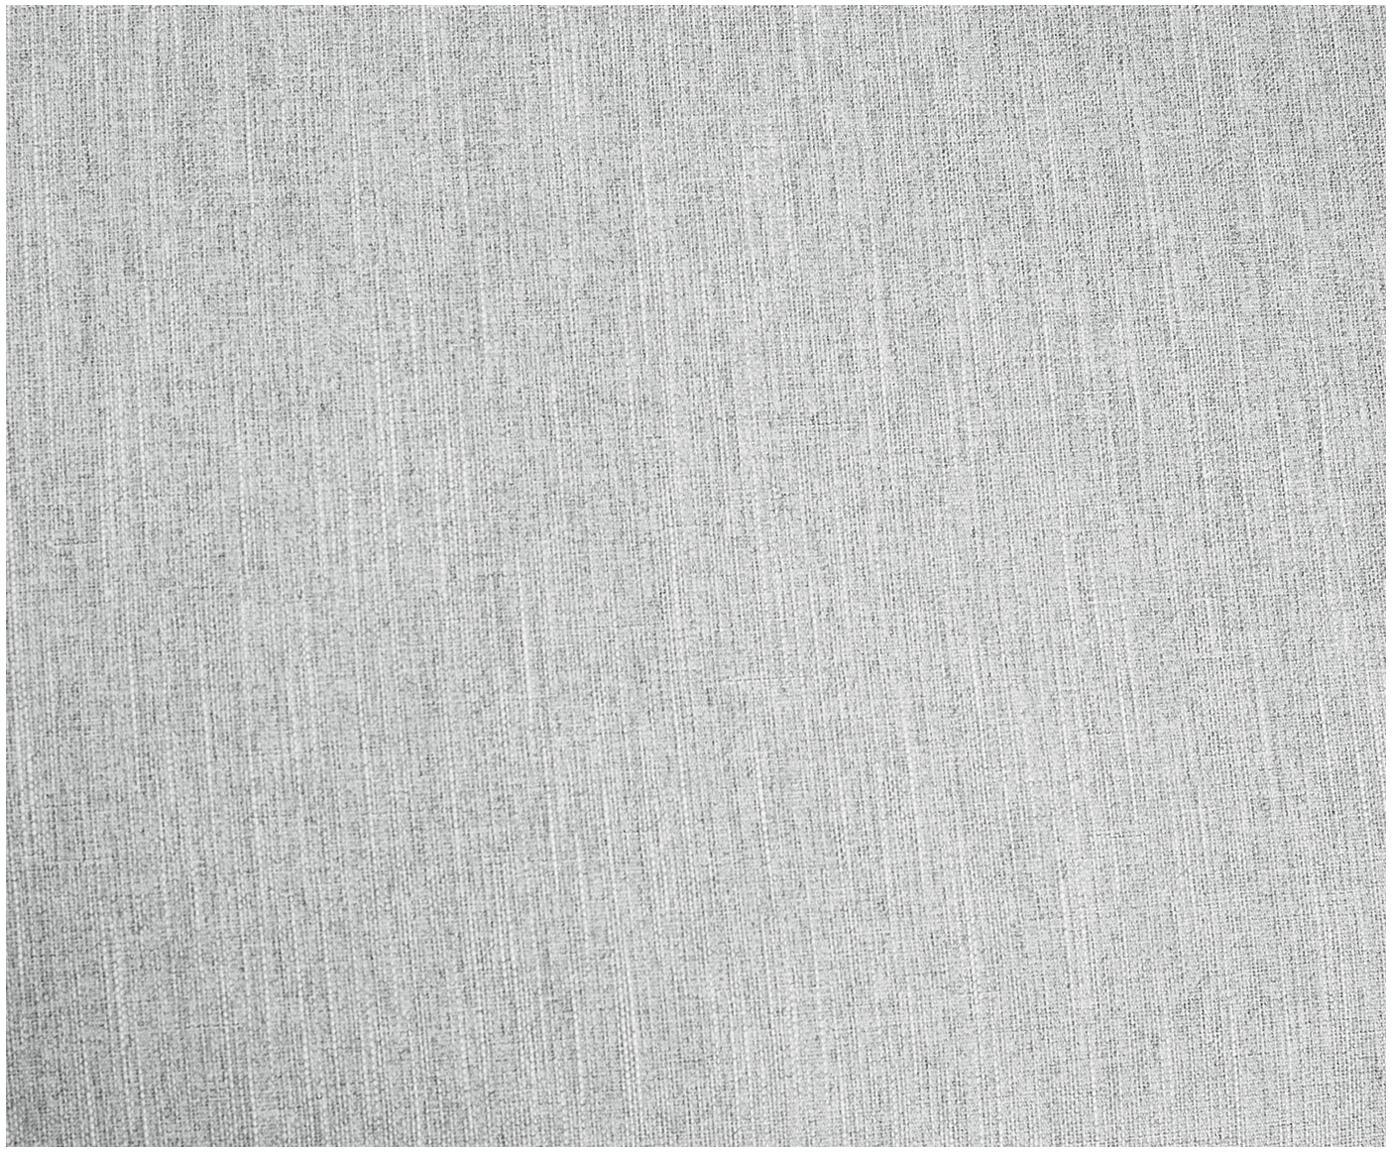 Sofa narożna Melva (3-osobowa), Tapicerka: poliester 35000 cykli w , Stelaż: lite drewno sosnowe, płyt, Nogi: drewno sosnowe, Jasny szary, S 240 x G 144 cm